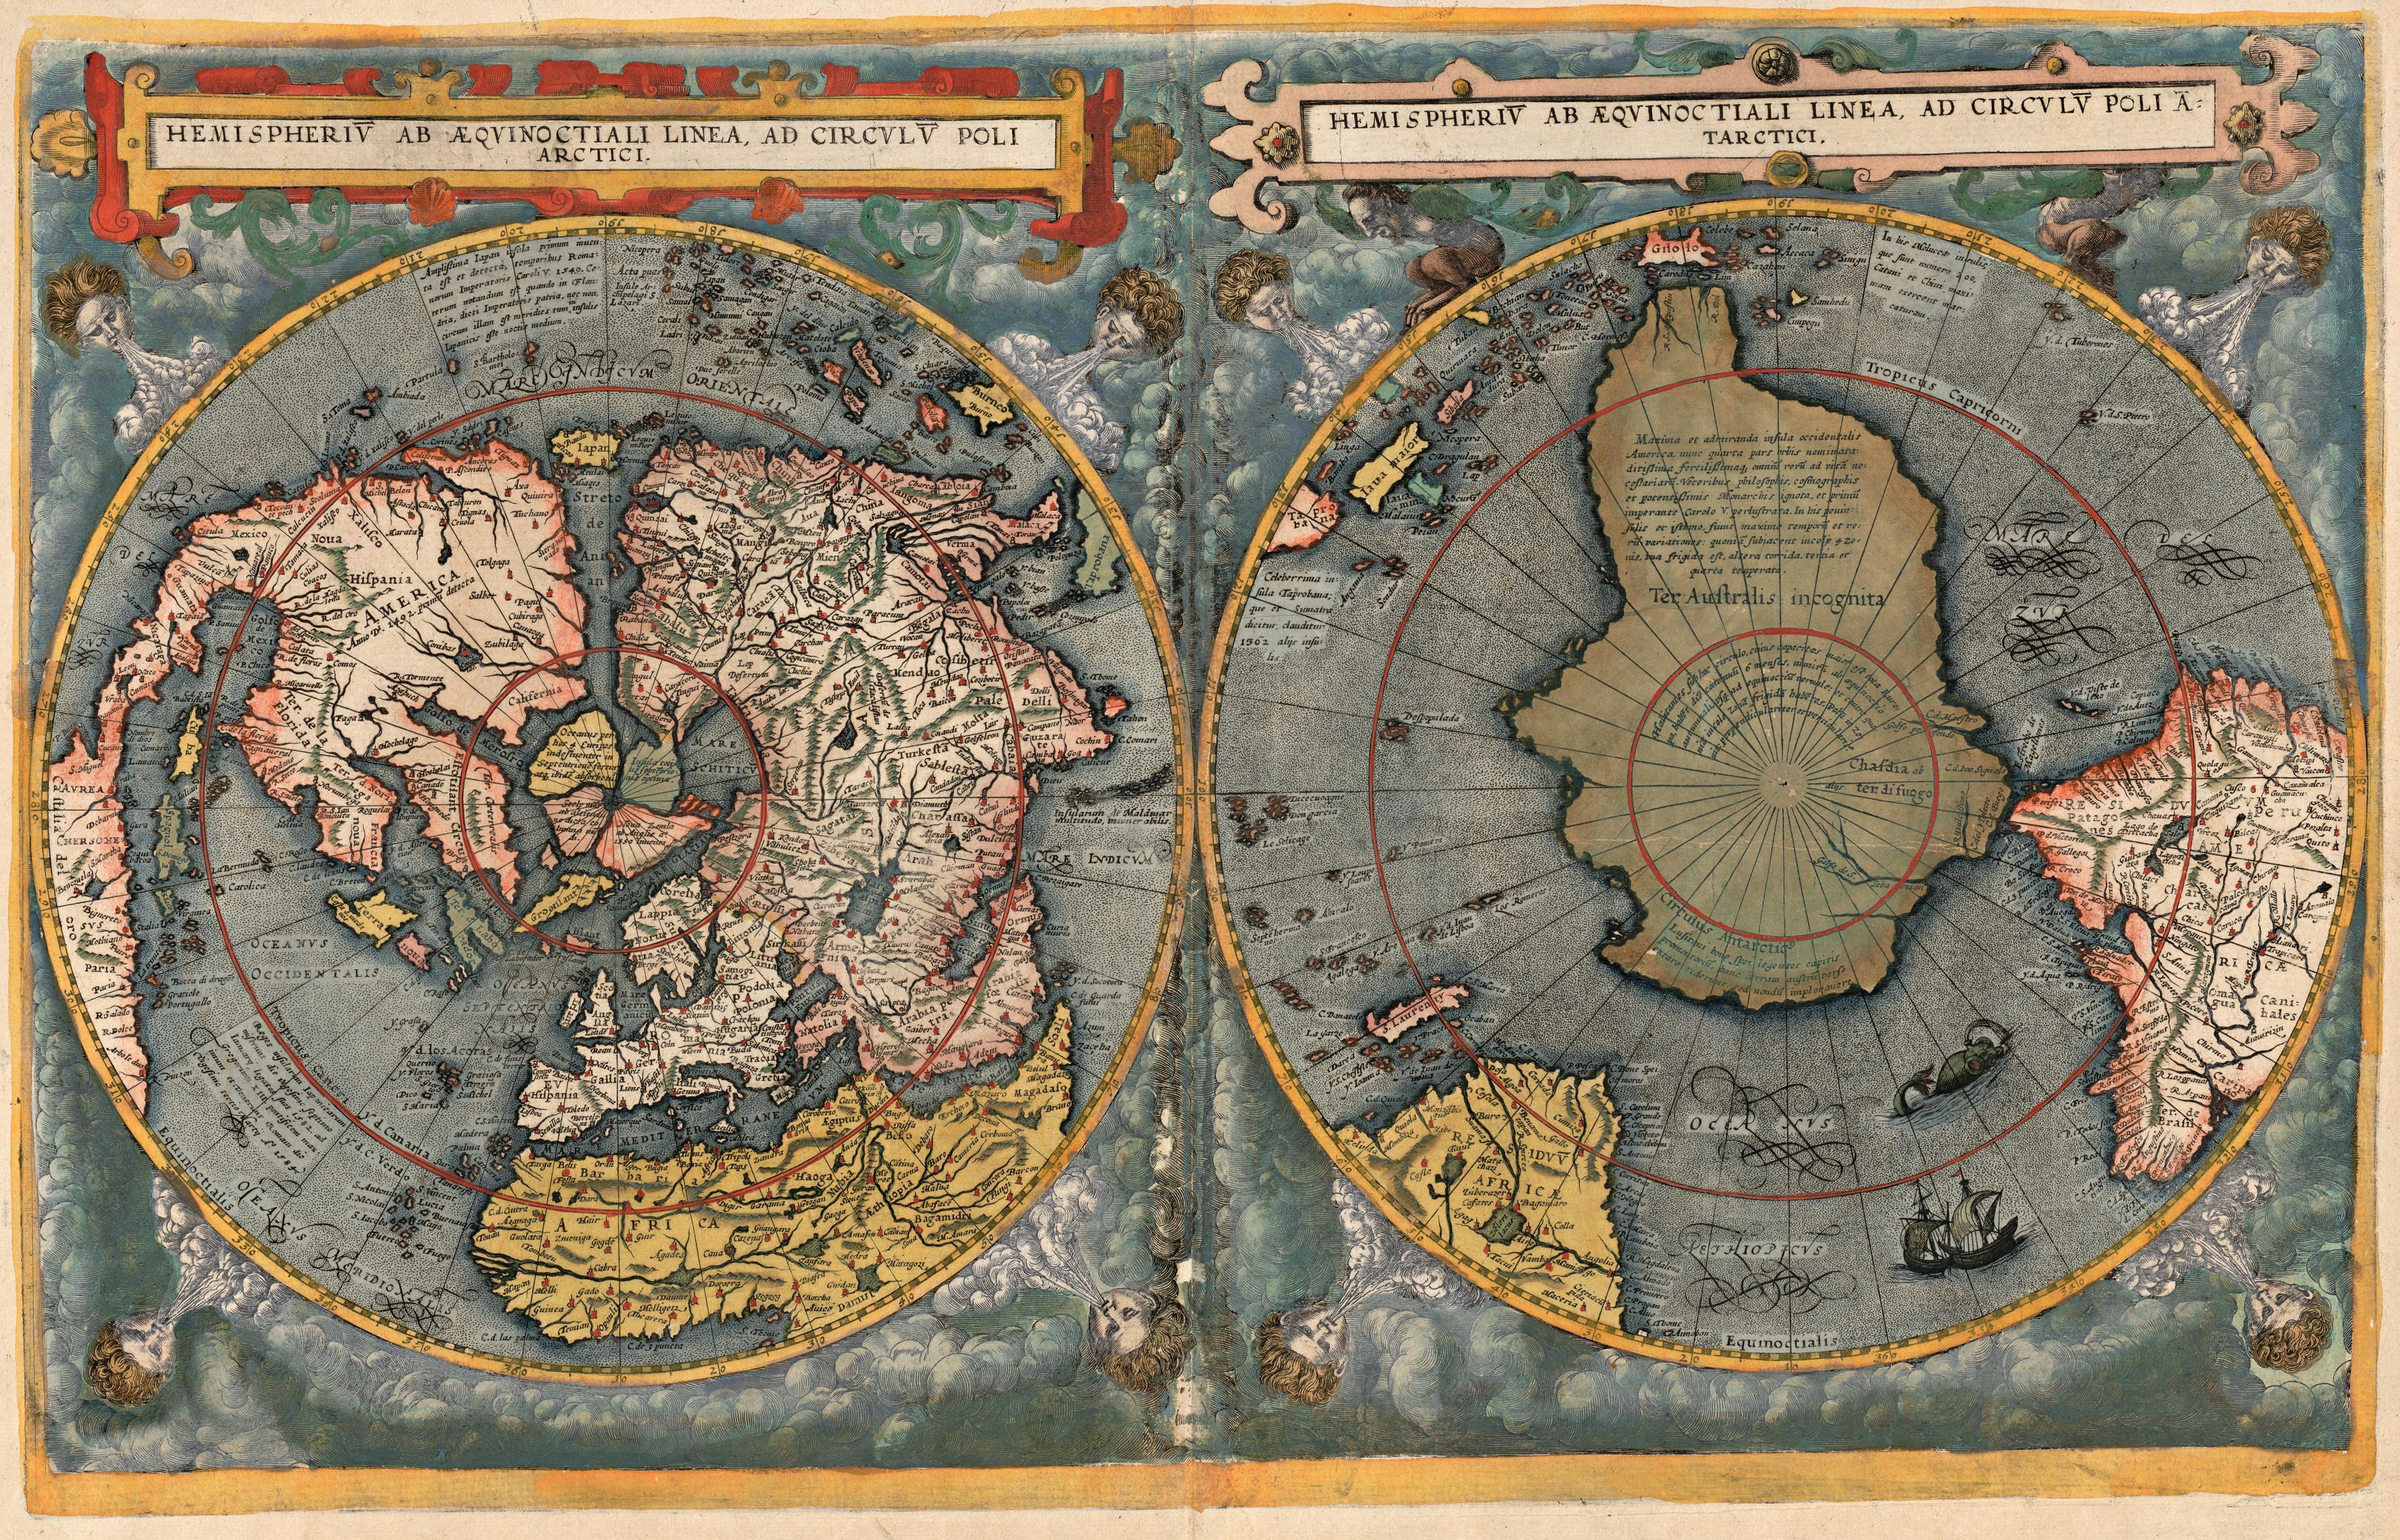 Cornelis de Jode: Hemisperium ab aequinoctiali linea, ad circulum poli antarctici, 1593. De Jodes verdenskart viser jorden i dobbelthemisfære i polarprojeksjon, dvs at den nordlige halvkule vises med Nordpolen i midten (til venstre) og den sørlige halvkule vises med Sydpolen i midten (til høyre). Bilde: Nasjonalbiblioteket